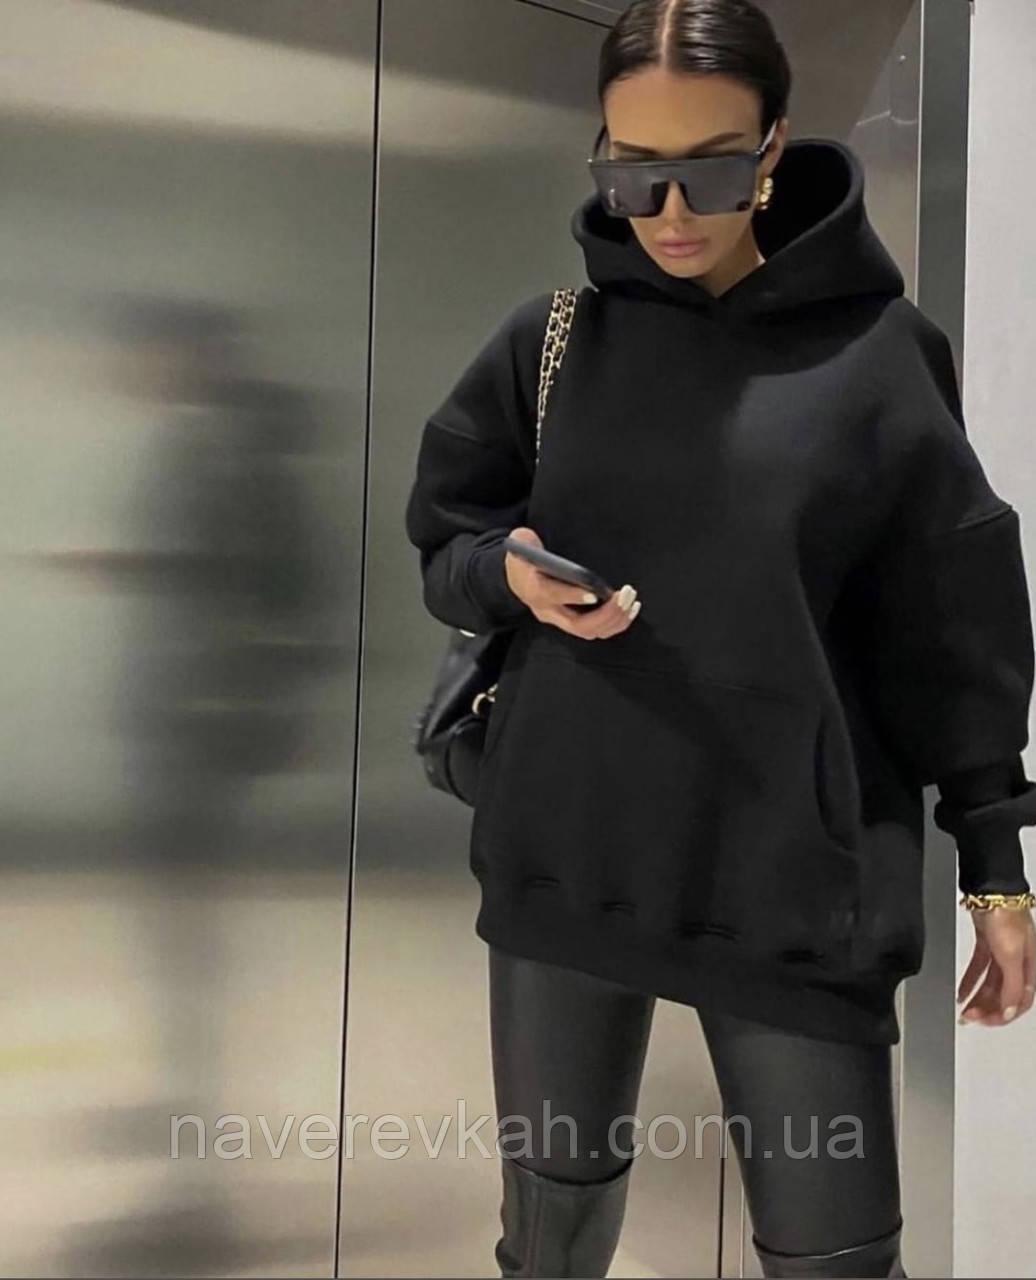 Женское зимнее худи удлиненное трехнитка с начесом теплое 42-46 48-52 оверсайз графит беж серый черный